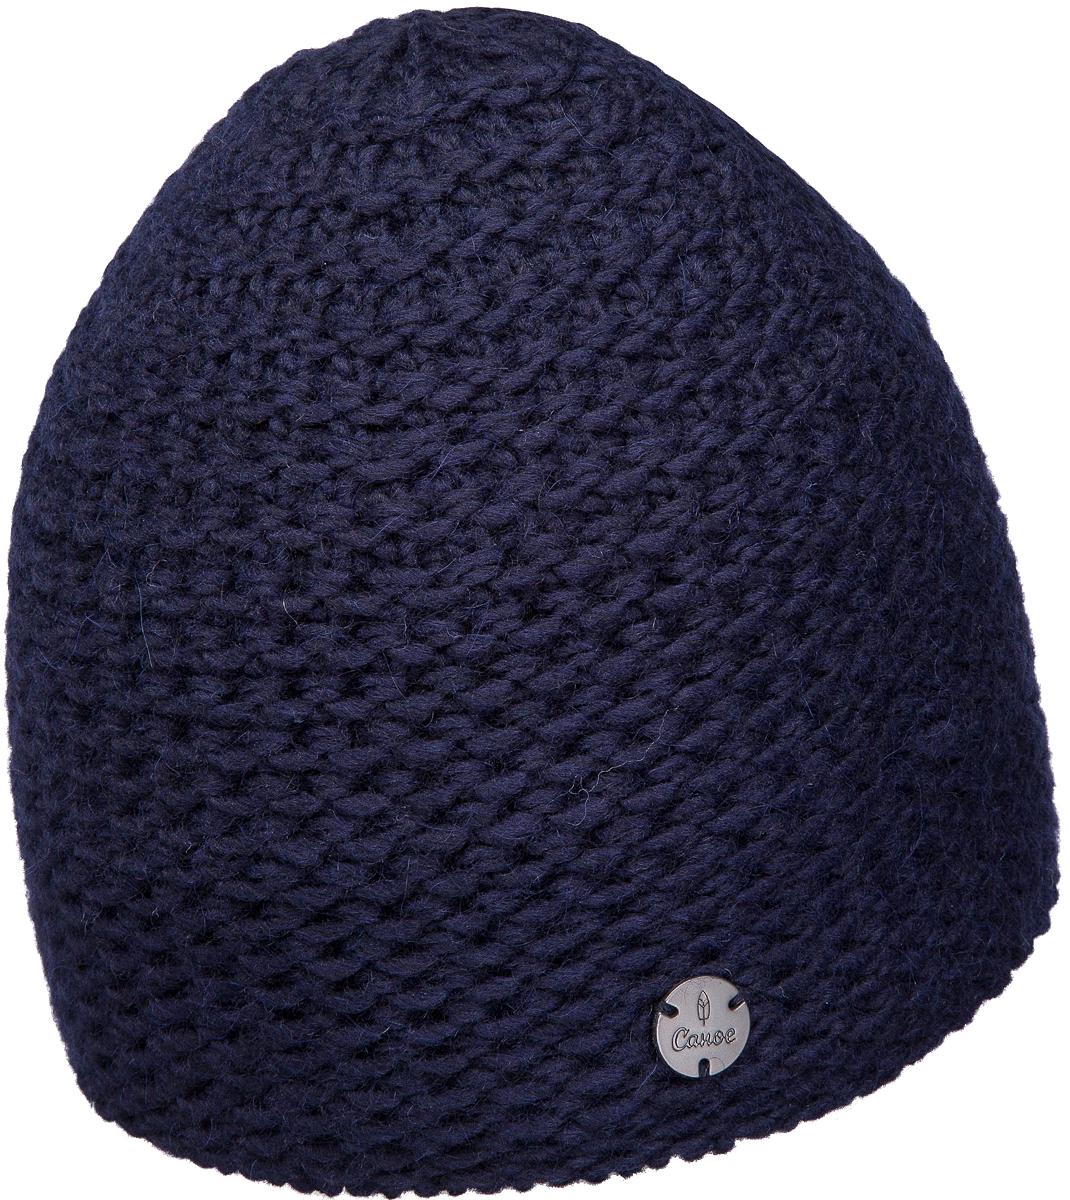 Шапка мужская Canoe Leds, цвет: темно-синий. 4706741. Размер 56/594706741Удлинённая шапка крупной вязки утеплена полоской мягкого, непилингующегося флиса. Изготовлена из объёмной полушерстяной пряжи. Высококачественная шерсть мериносов и полиакриловая кручёная нить дают позитивный тандем мягкости, великолепной износоустойчивости и домашней теплоты. Модель дополнена металлической пластиной с названием бренда.Уважаемые клиенты!Размер, доступный для заказа, является обхватом головы.